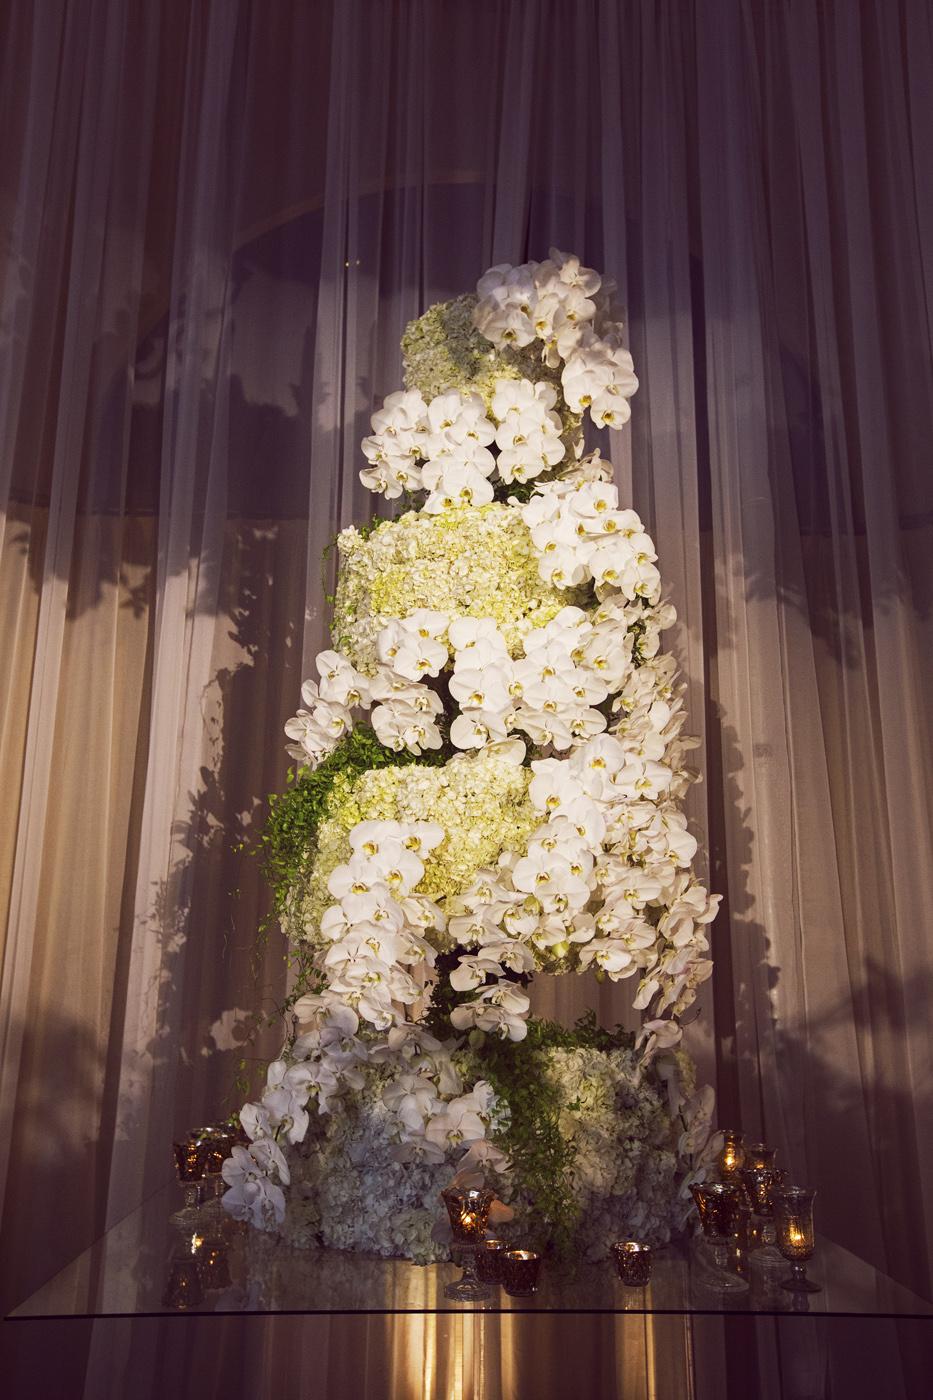 070_DukePhotography_DukeImages_Wedding_Details.jpg